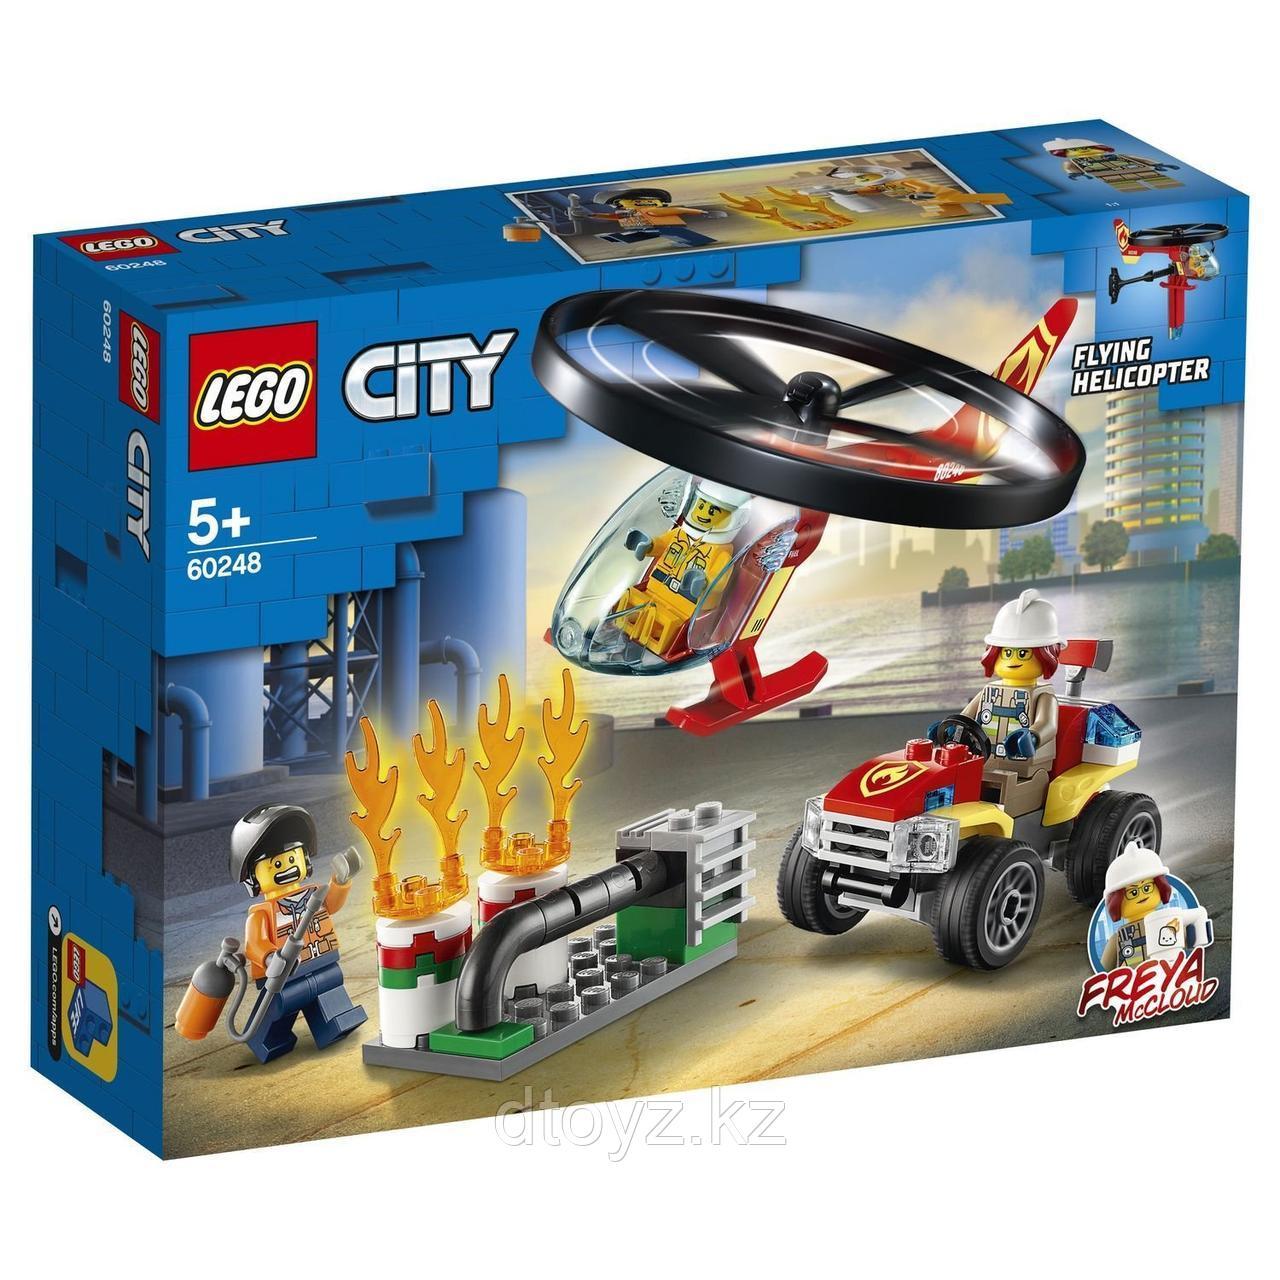 Lego City 60248 Пожарный спасательный вертолет